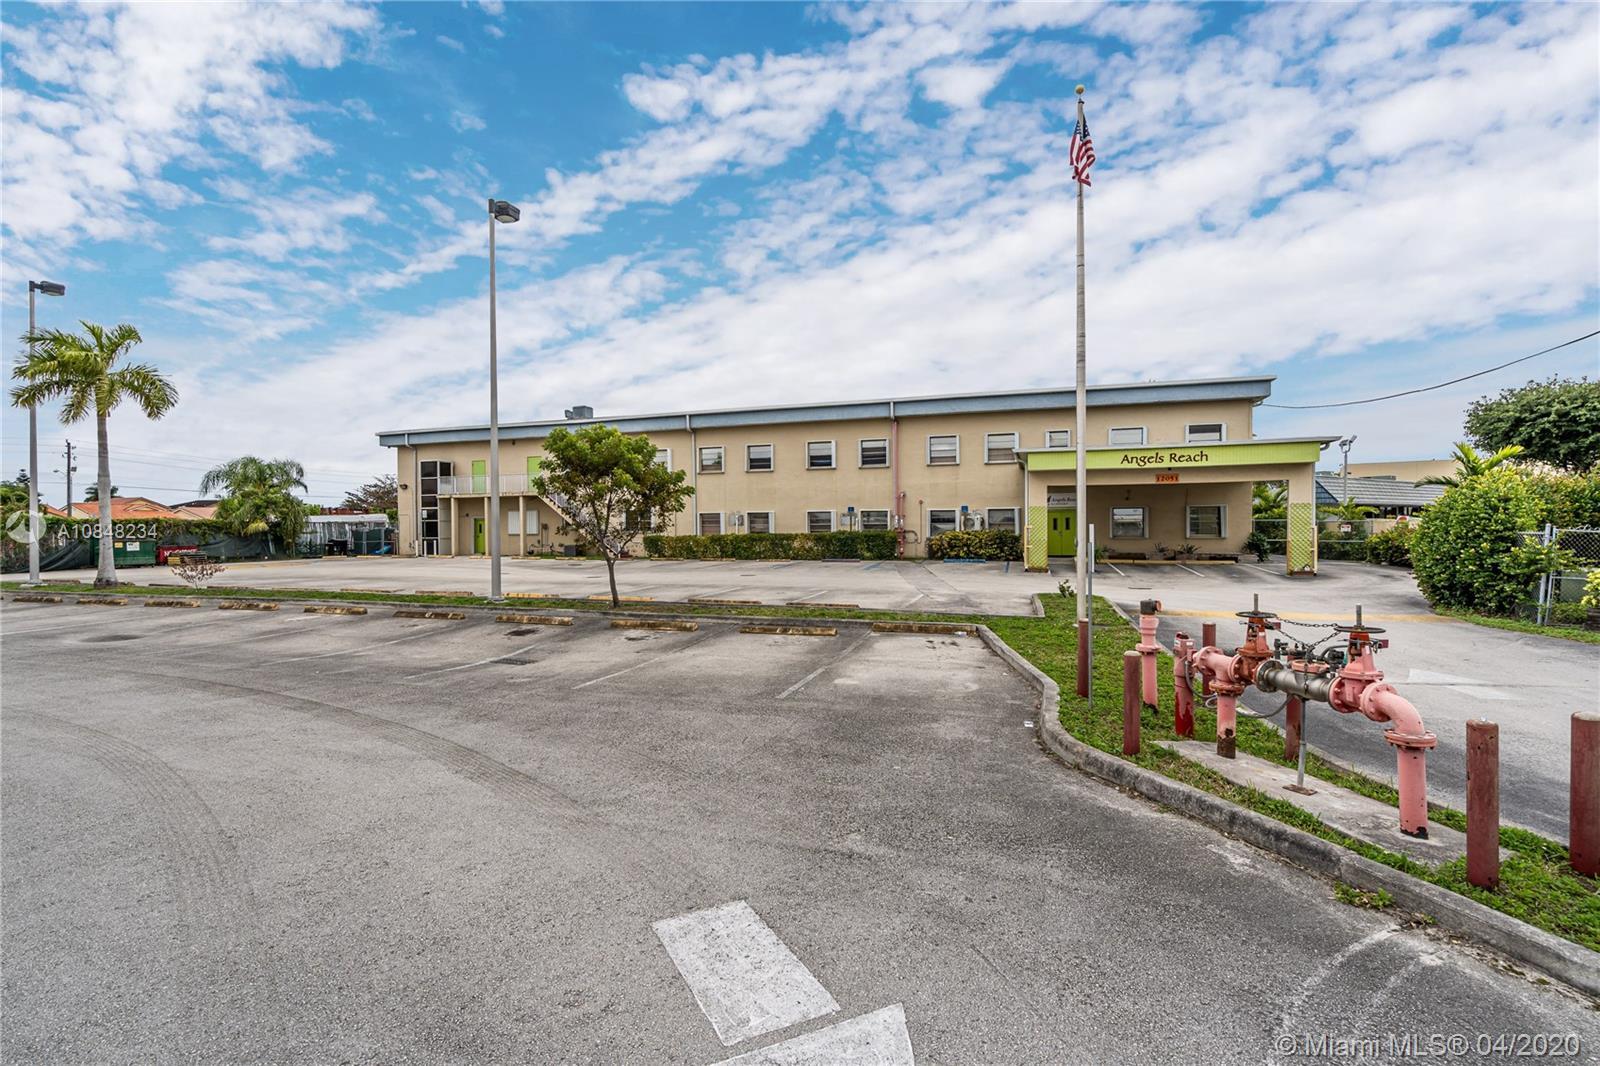 12051 W Okeechobee Rd Luxury Real Estate